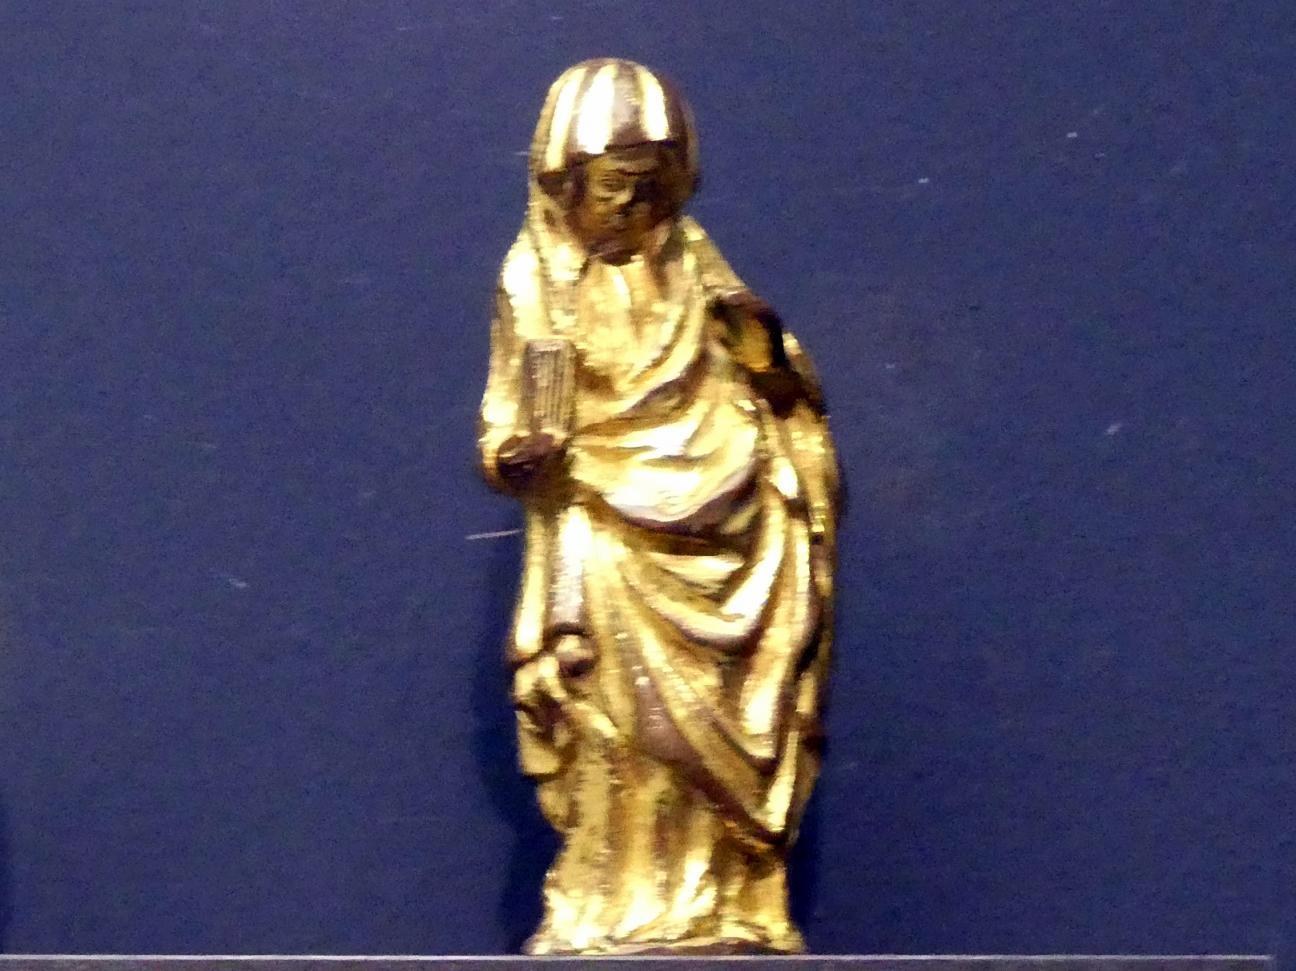 Maria einer Verkündigung, um 1400 - 1430